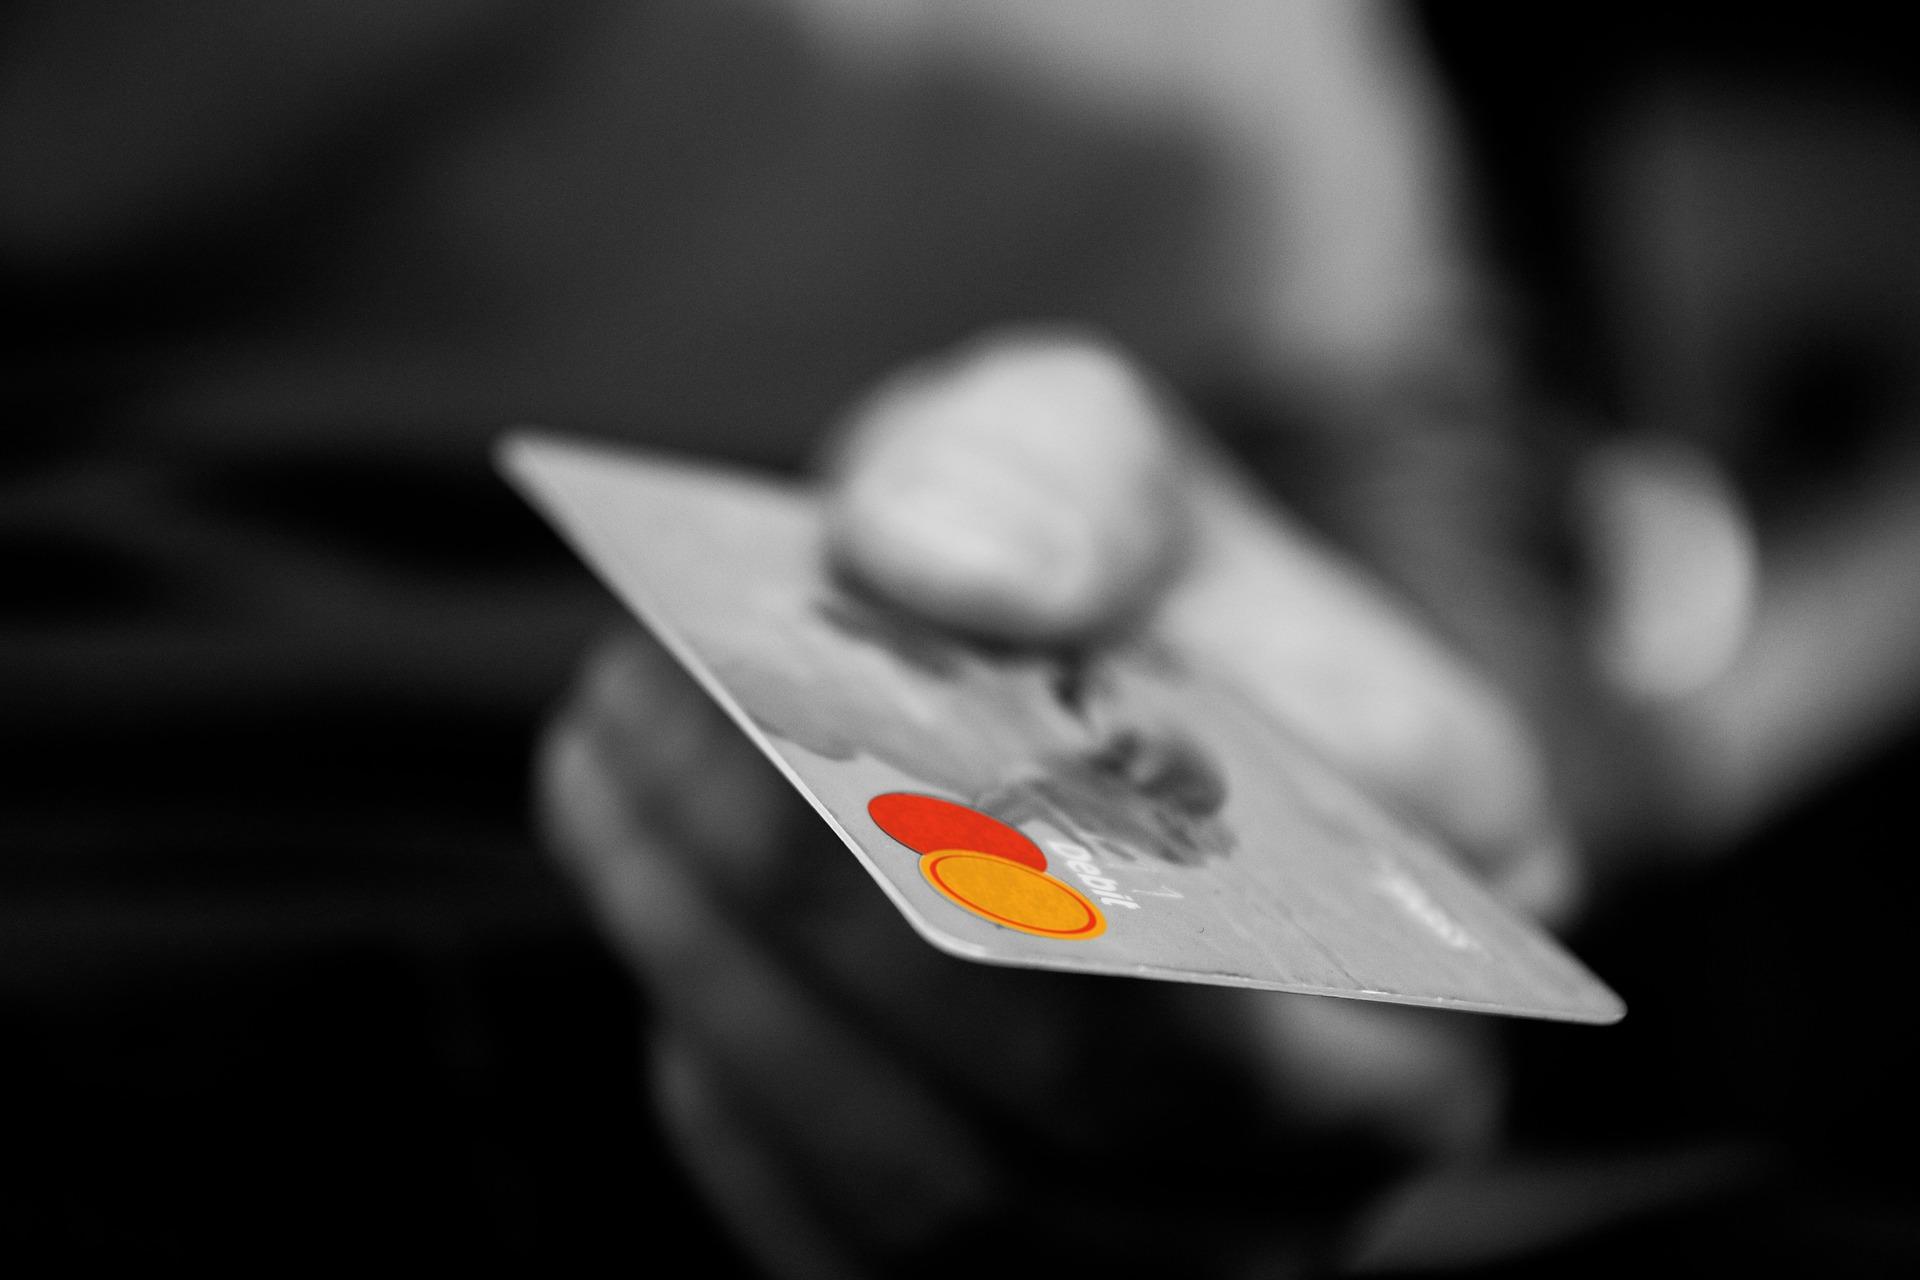 国税はクレジットカードで納付できる!ポイントも貯められる!